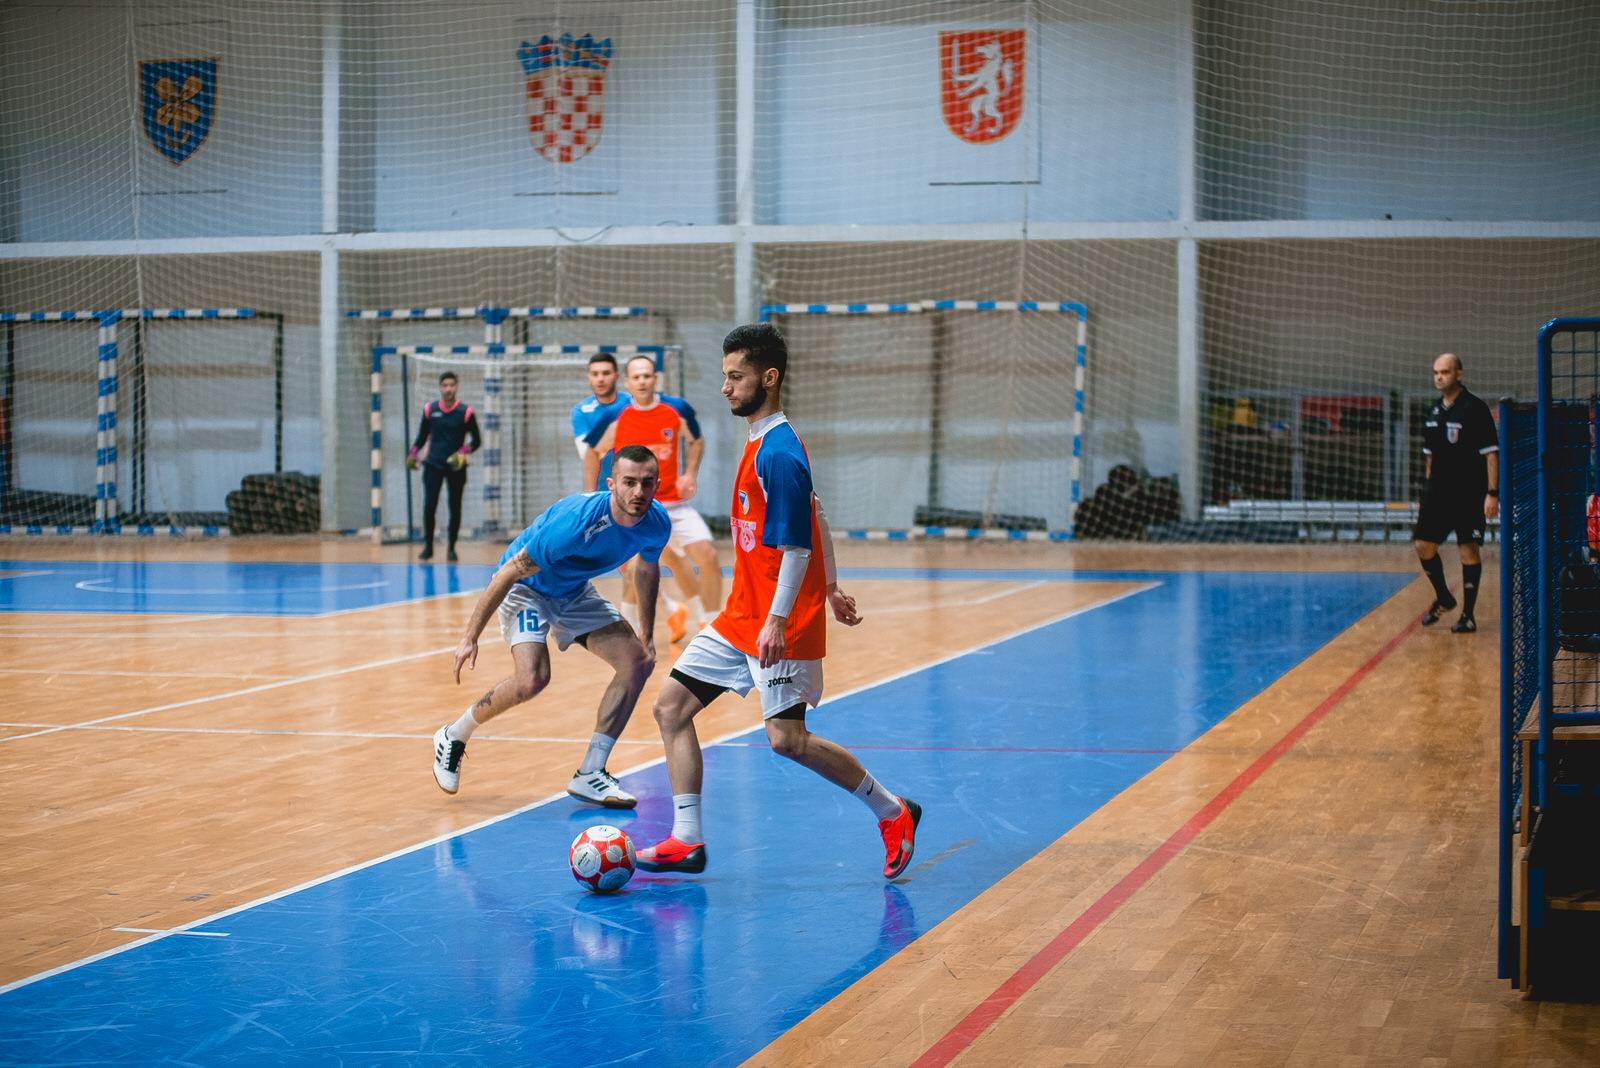 likaclub_gospić_zimski-malonogometni-turnir-2018-19-48